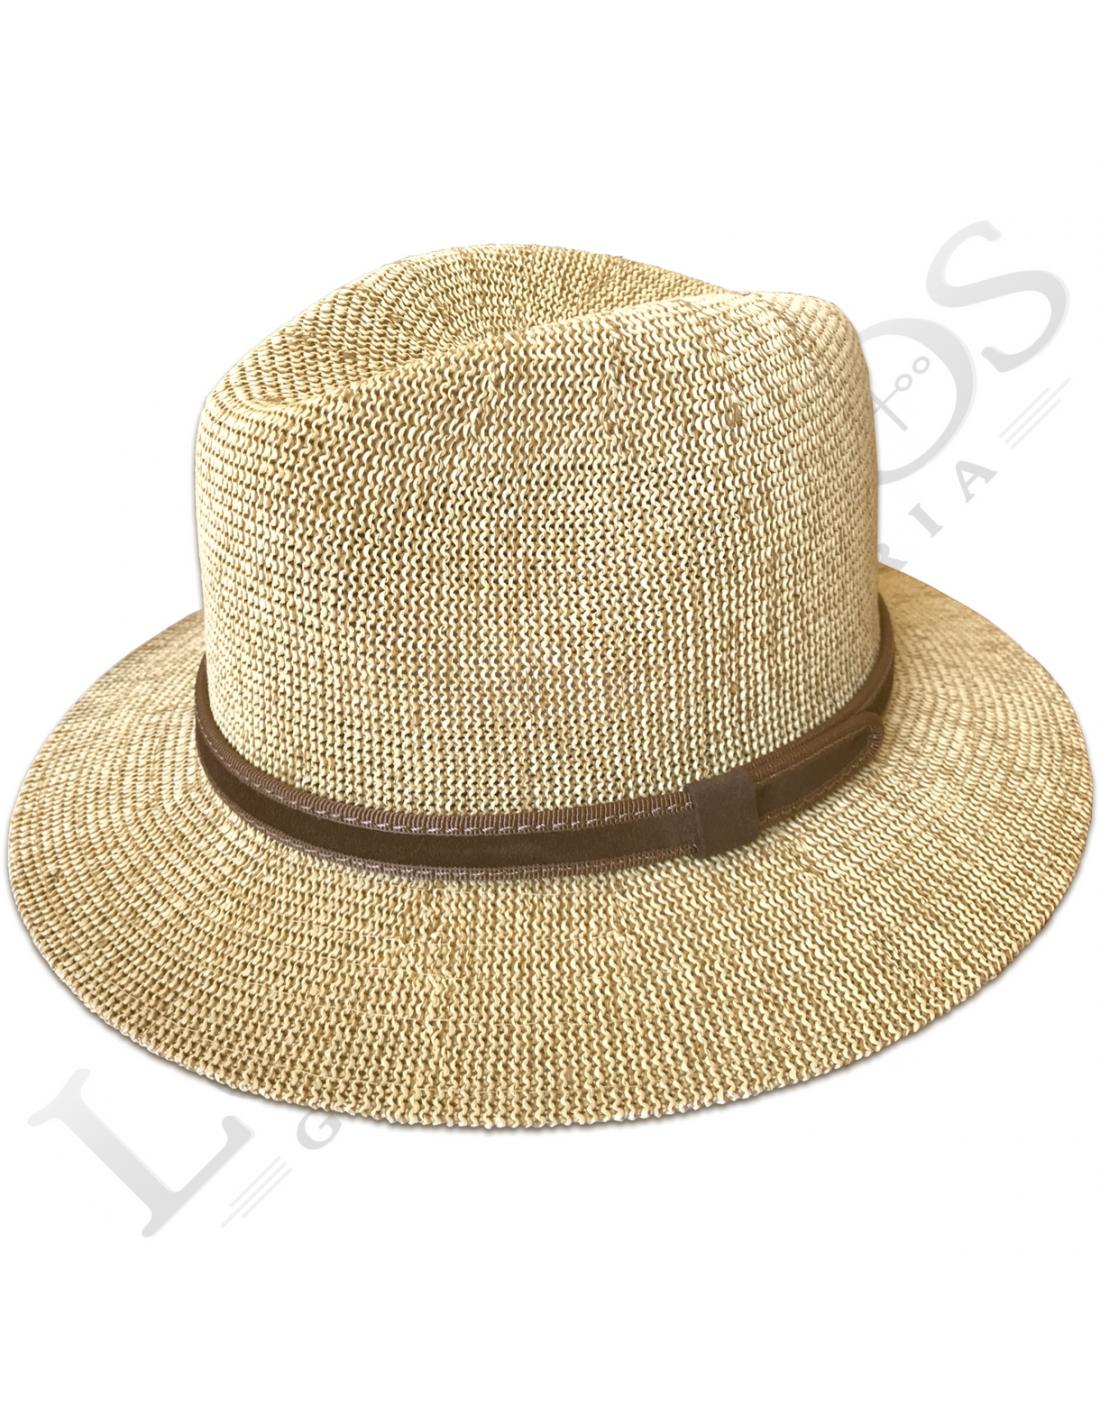 Sombrero Panamá Beirets Serie 170 3478 e444c40ca7f